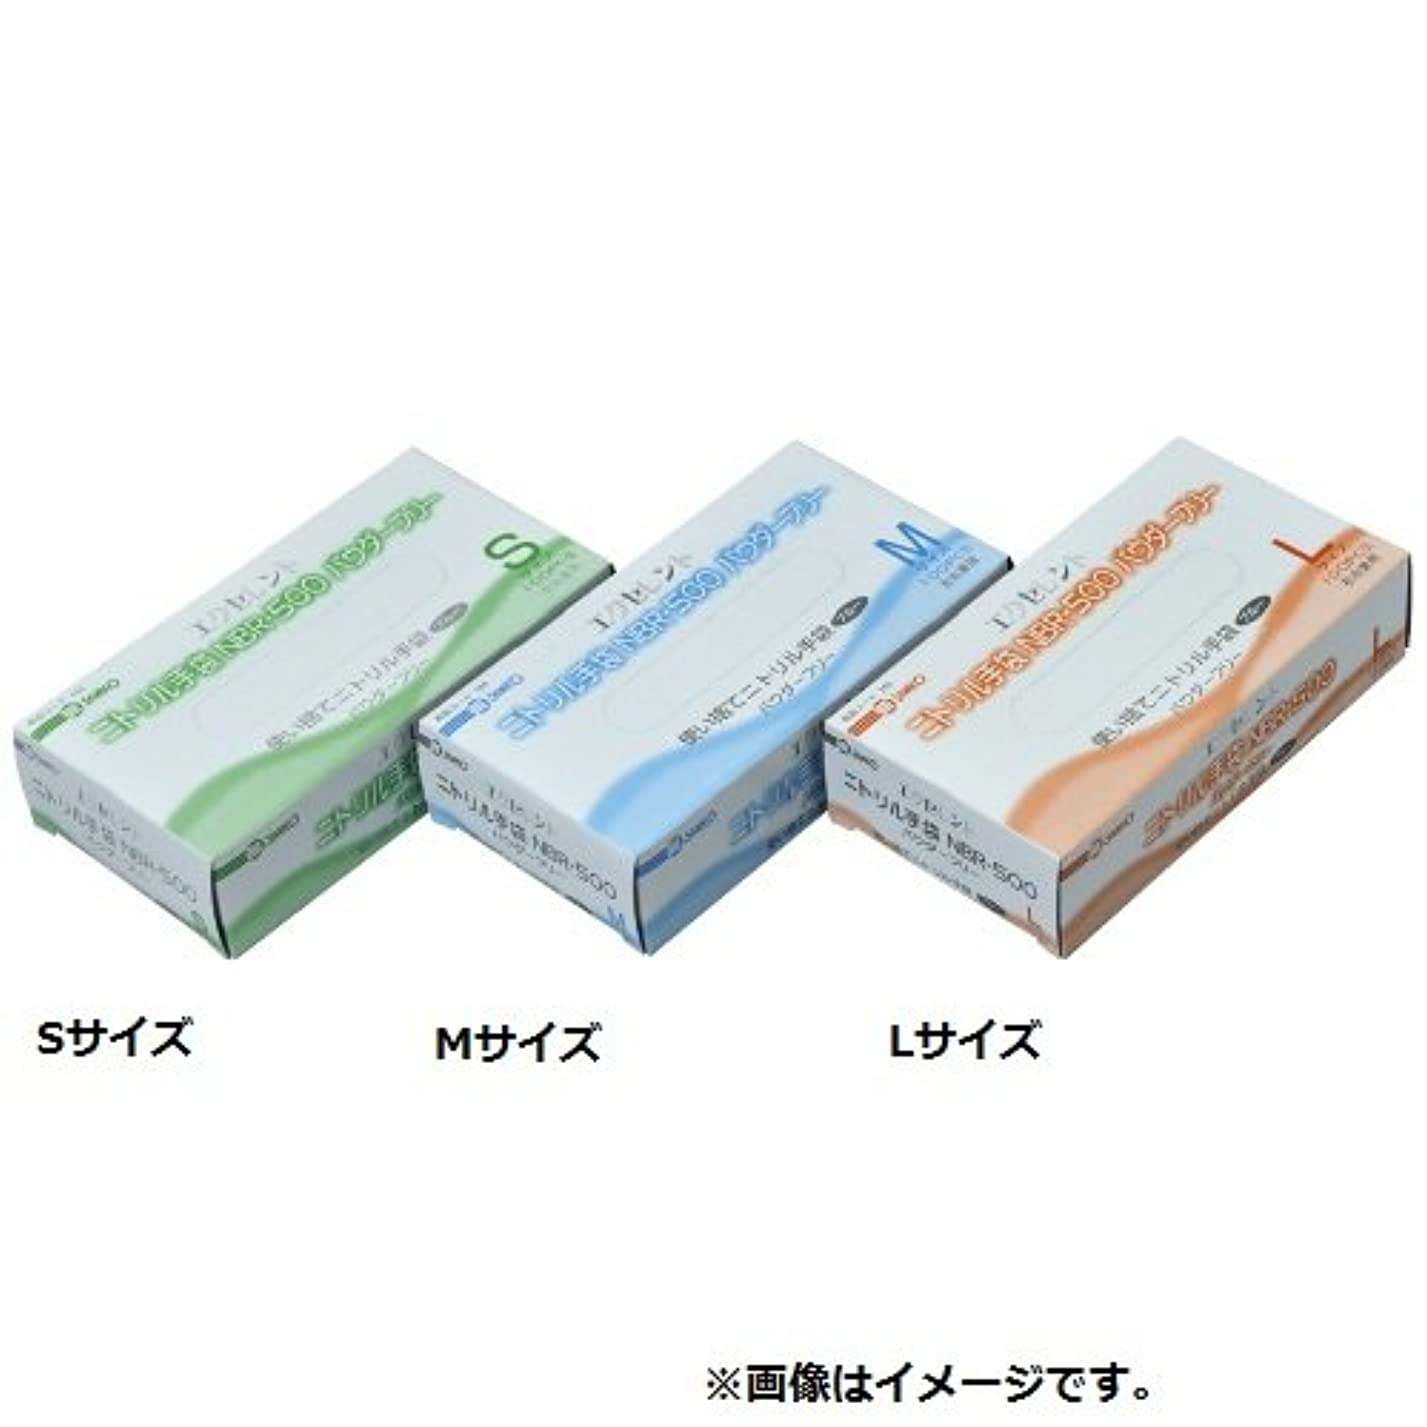 ニッケル隣人少ないエクセレントニトリル手袋NBR-500パウダーフリー M カラー:ブルー 入数:1箱(100枚)